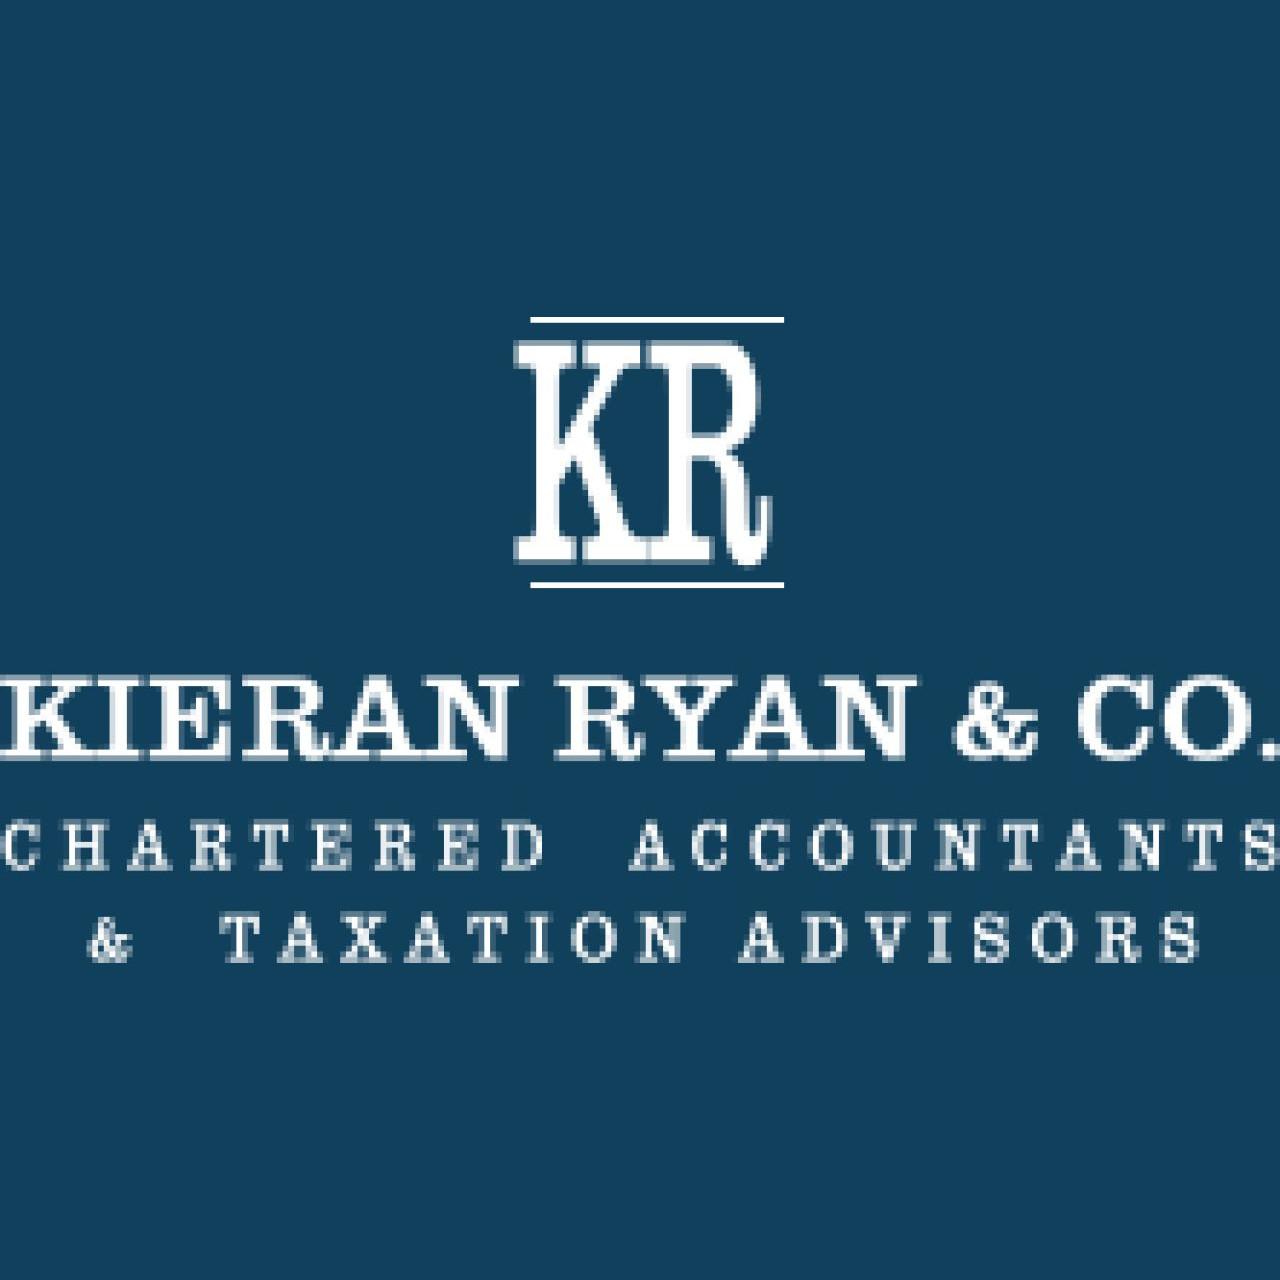 Kieran Ryan & Co.